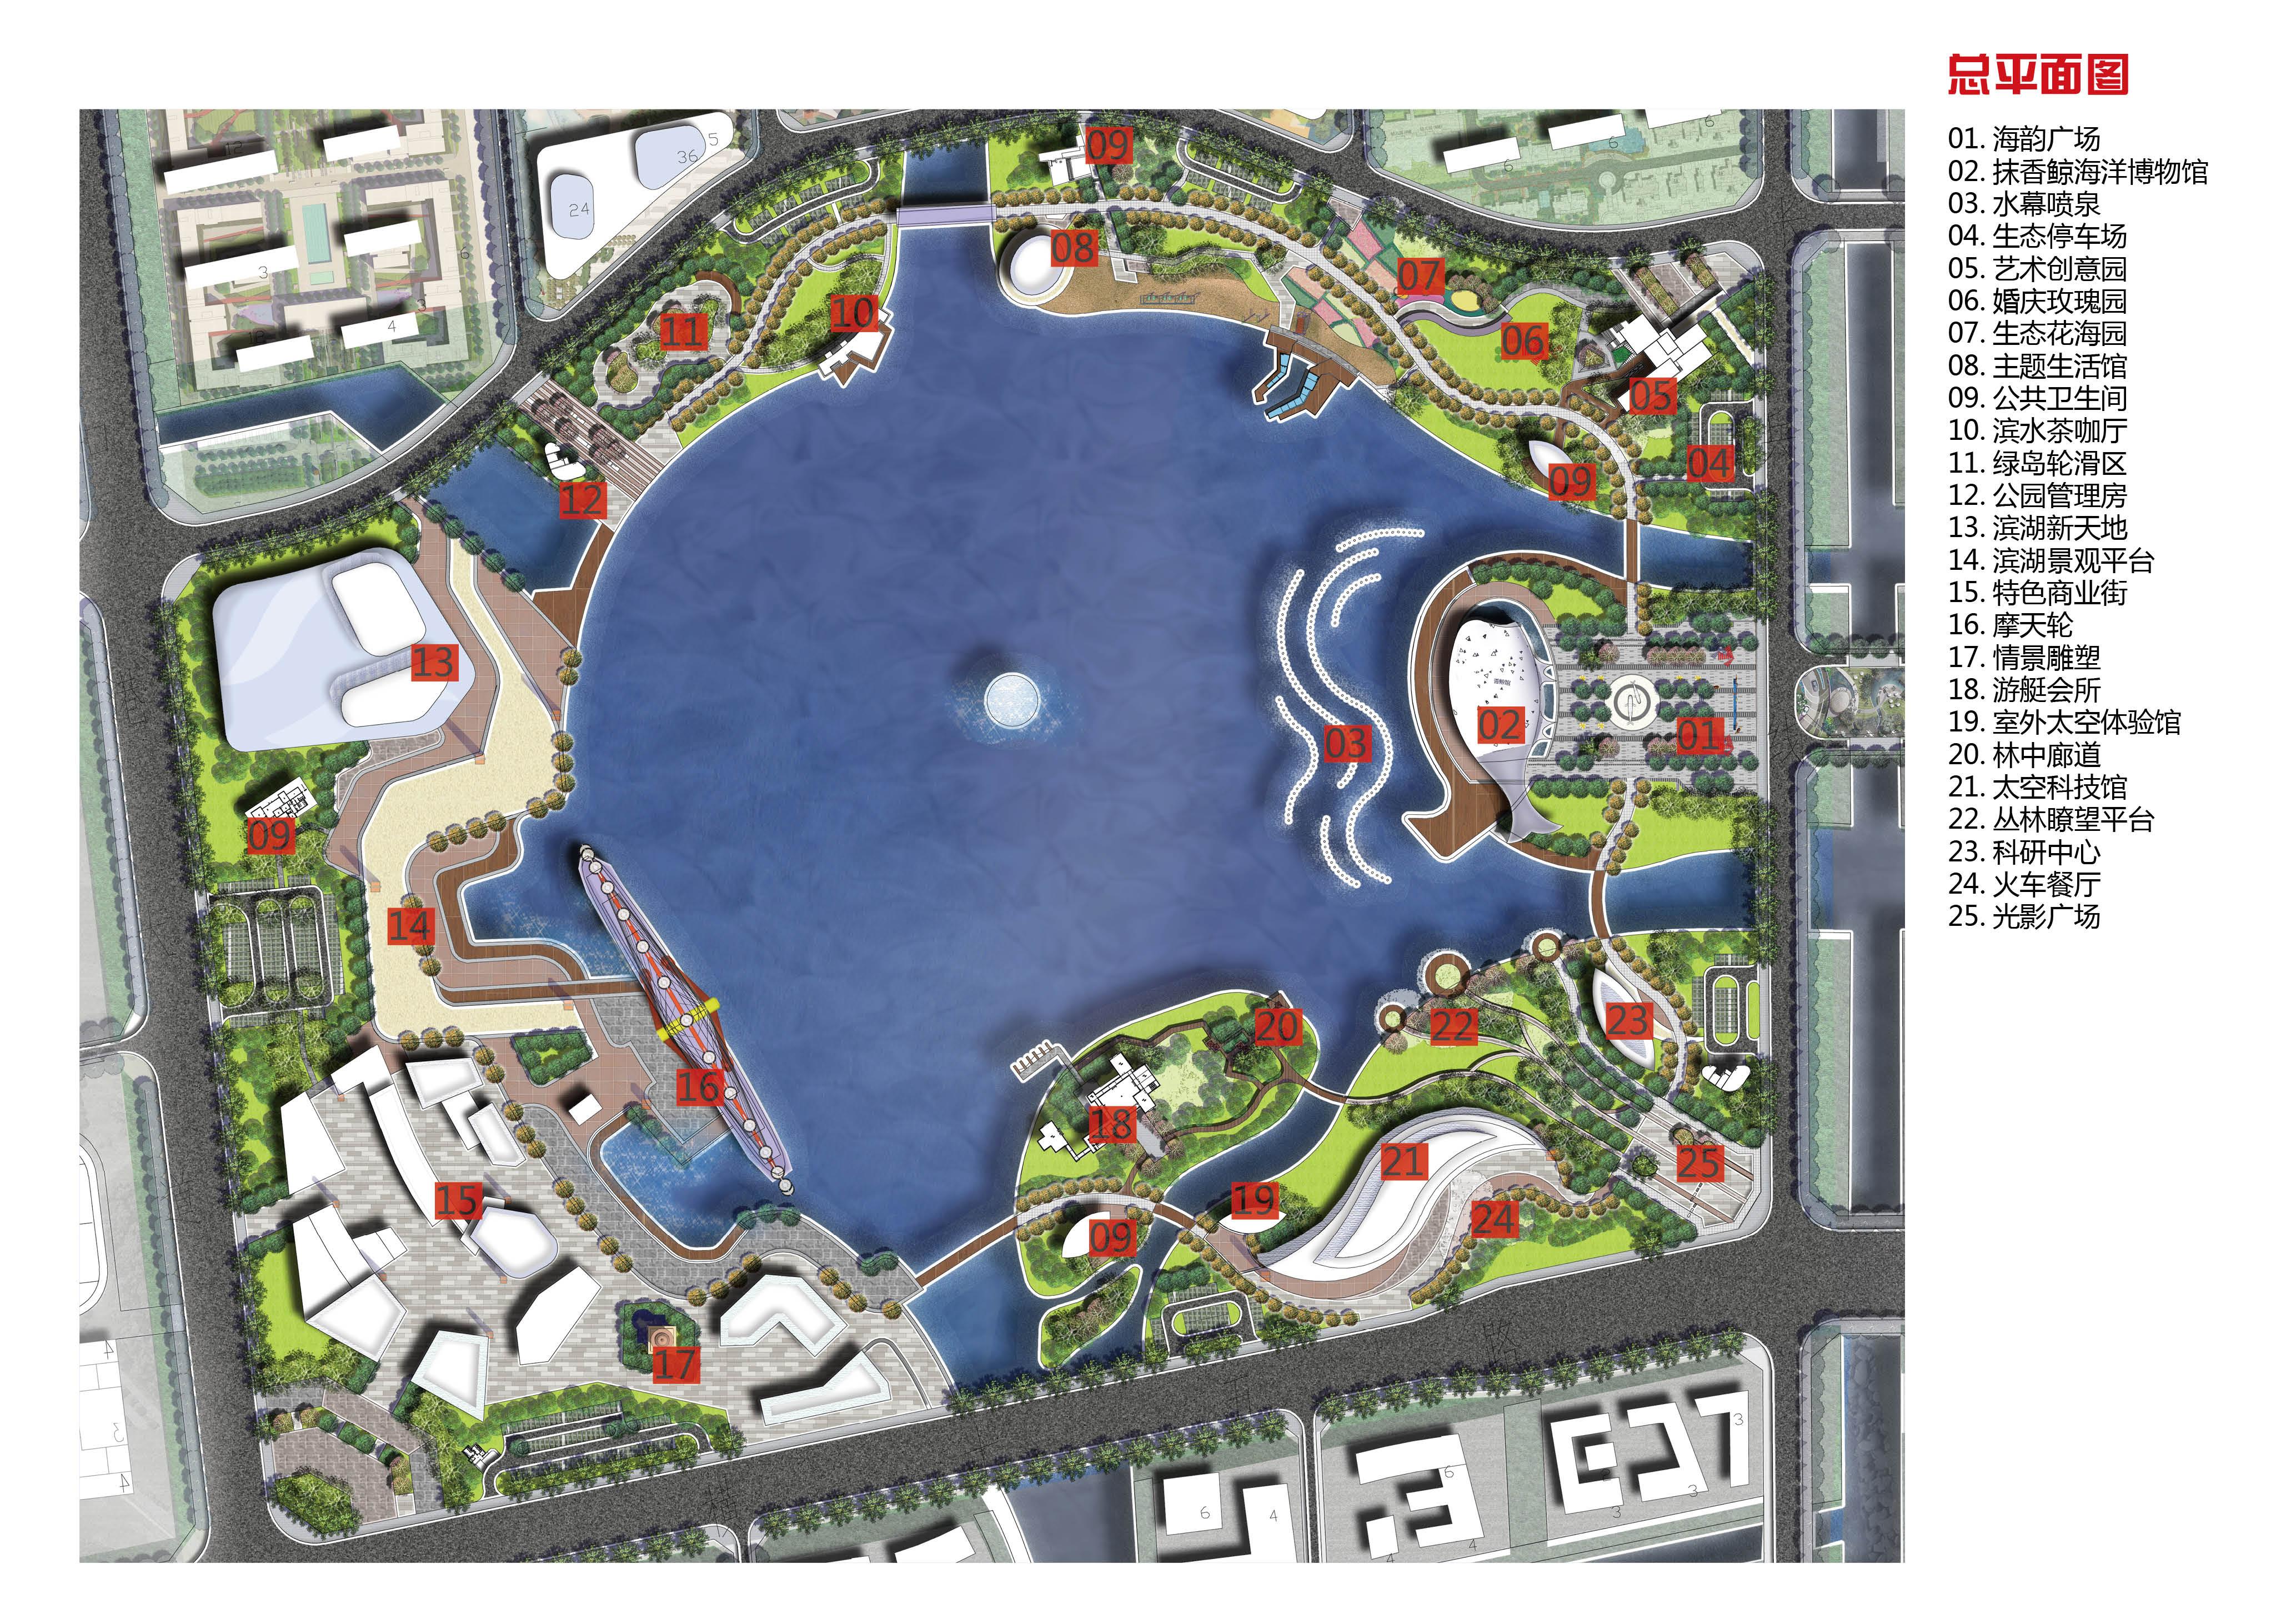 洋口港开发区海洋主题公园-洋口港开发区海洋主题公园景观设计44